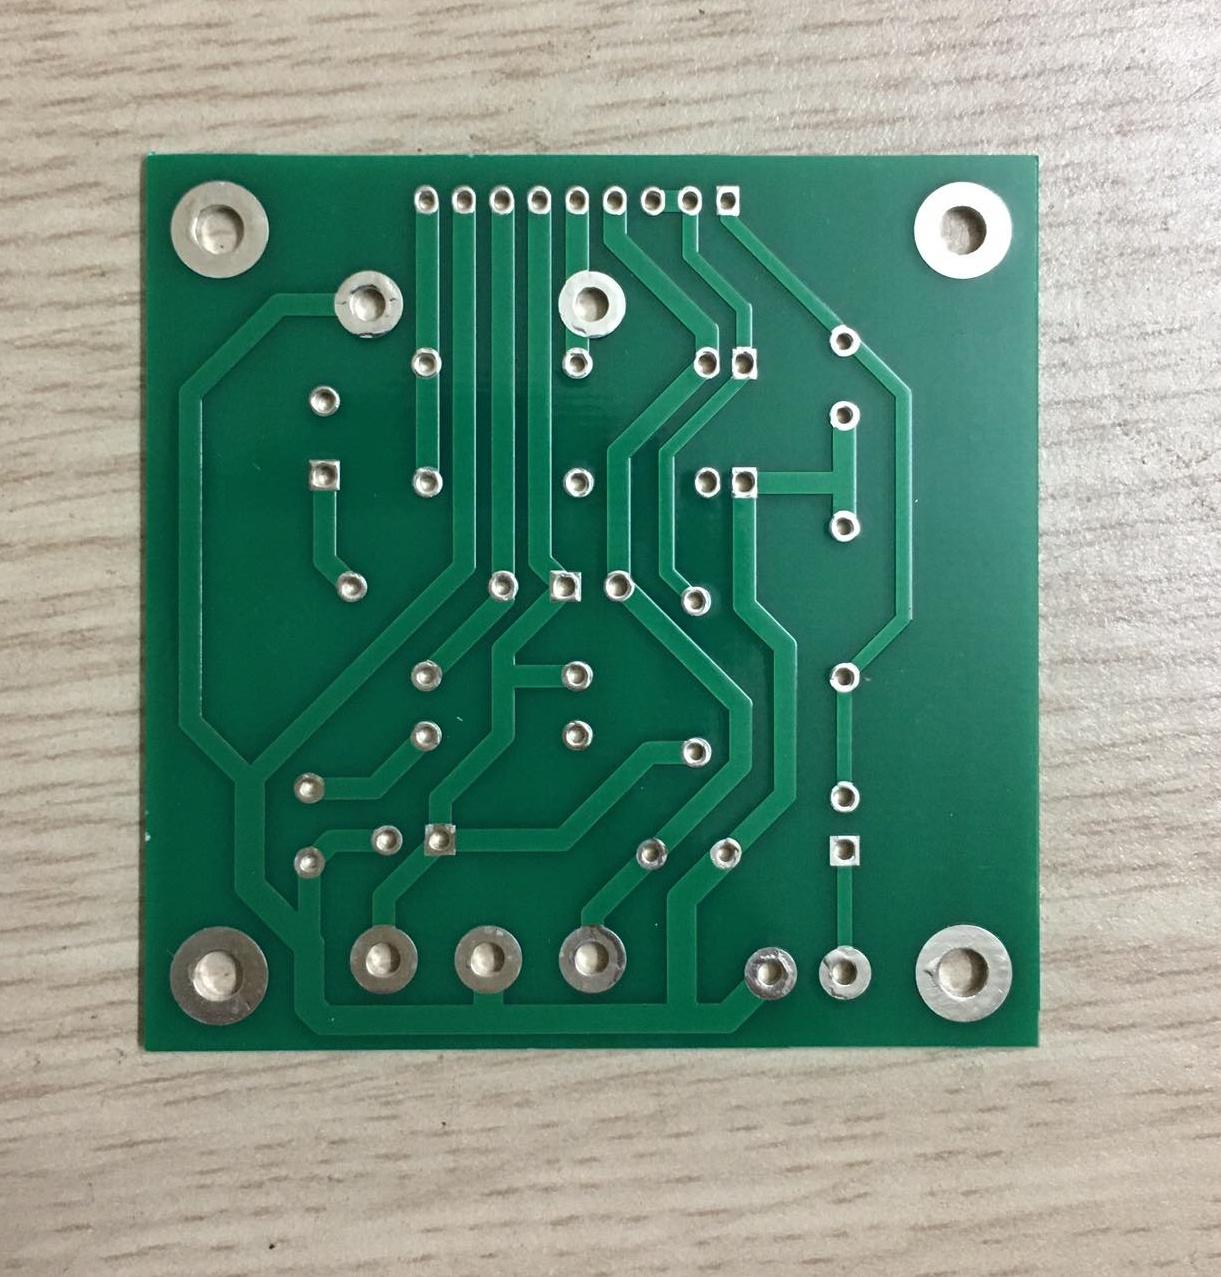 Mạch khuếch đại âm thanh sử dụng chip TDA1514A